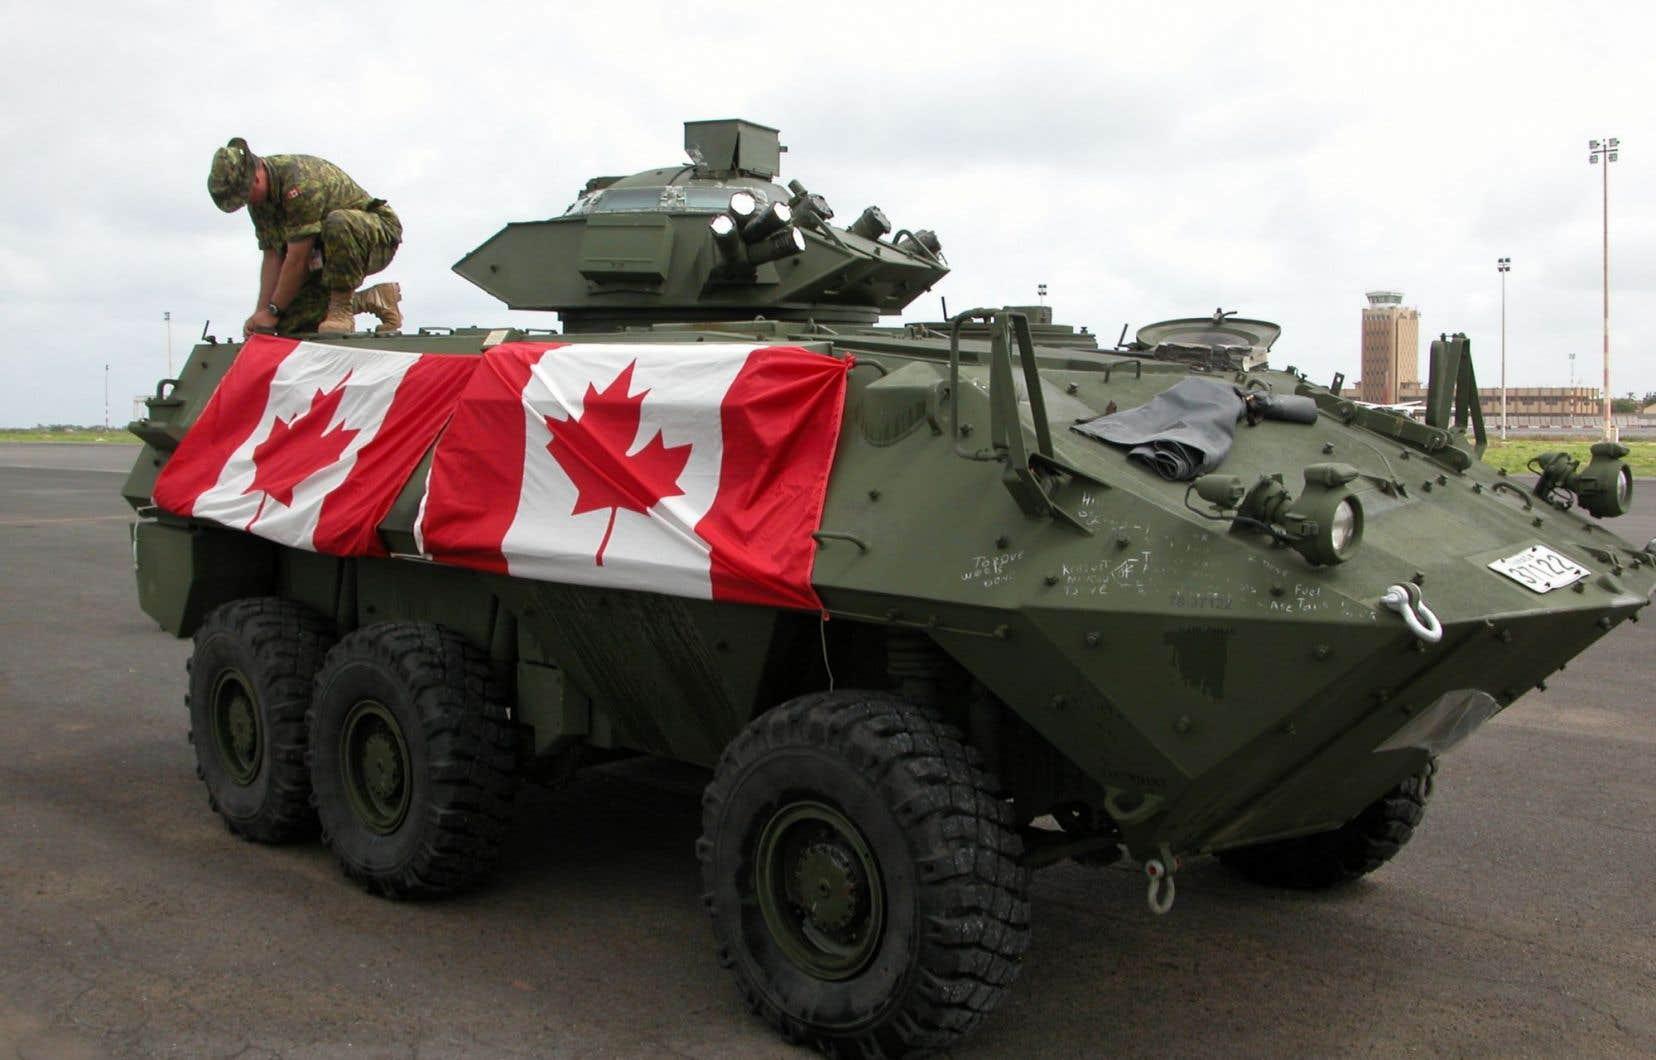 La future mission canadienne en Afrique s'inscrira de toute évidence dans la stratégie américaine dans cette partie du monde.